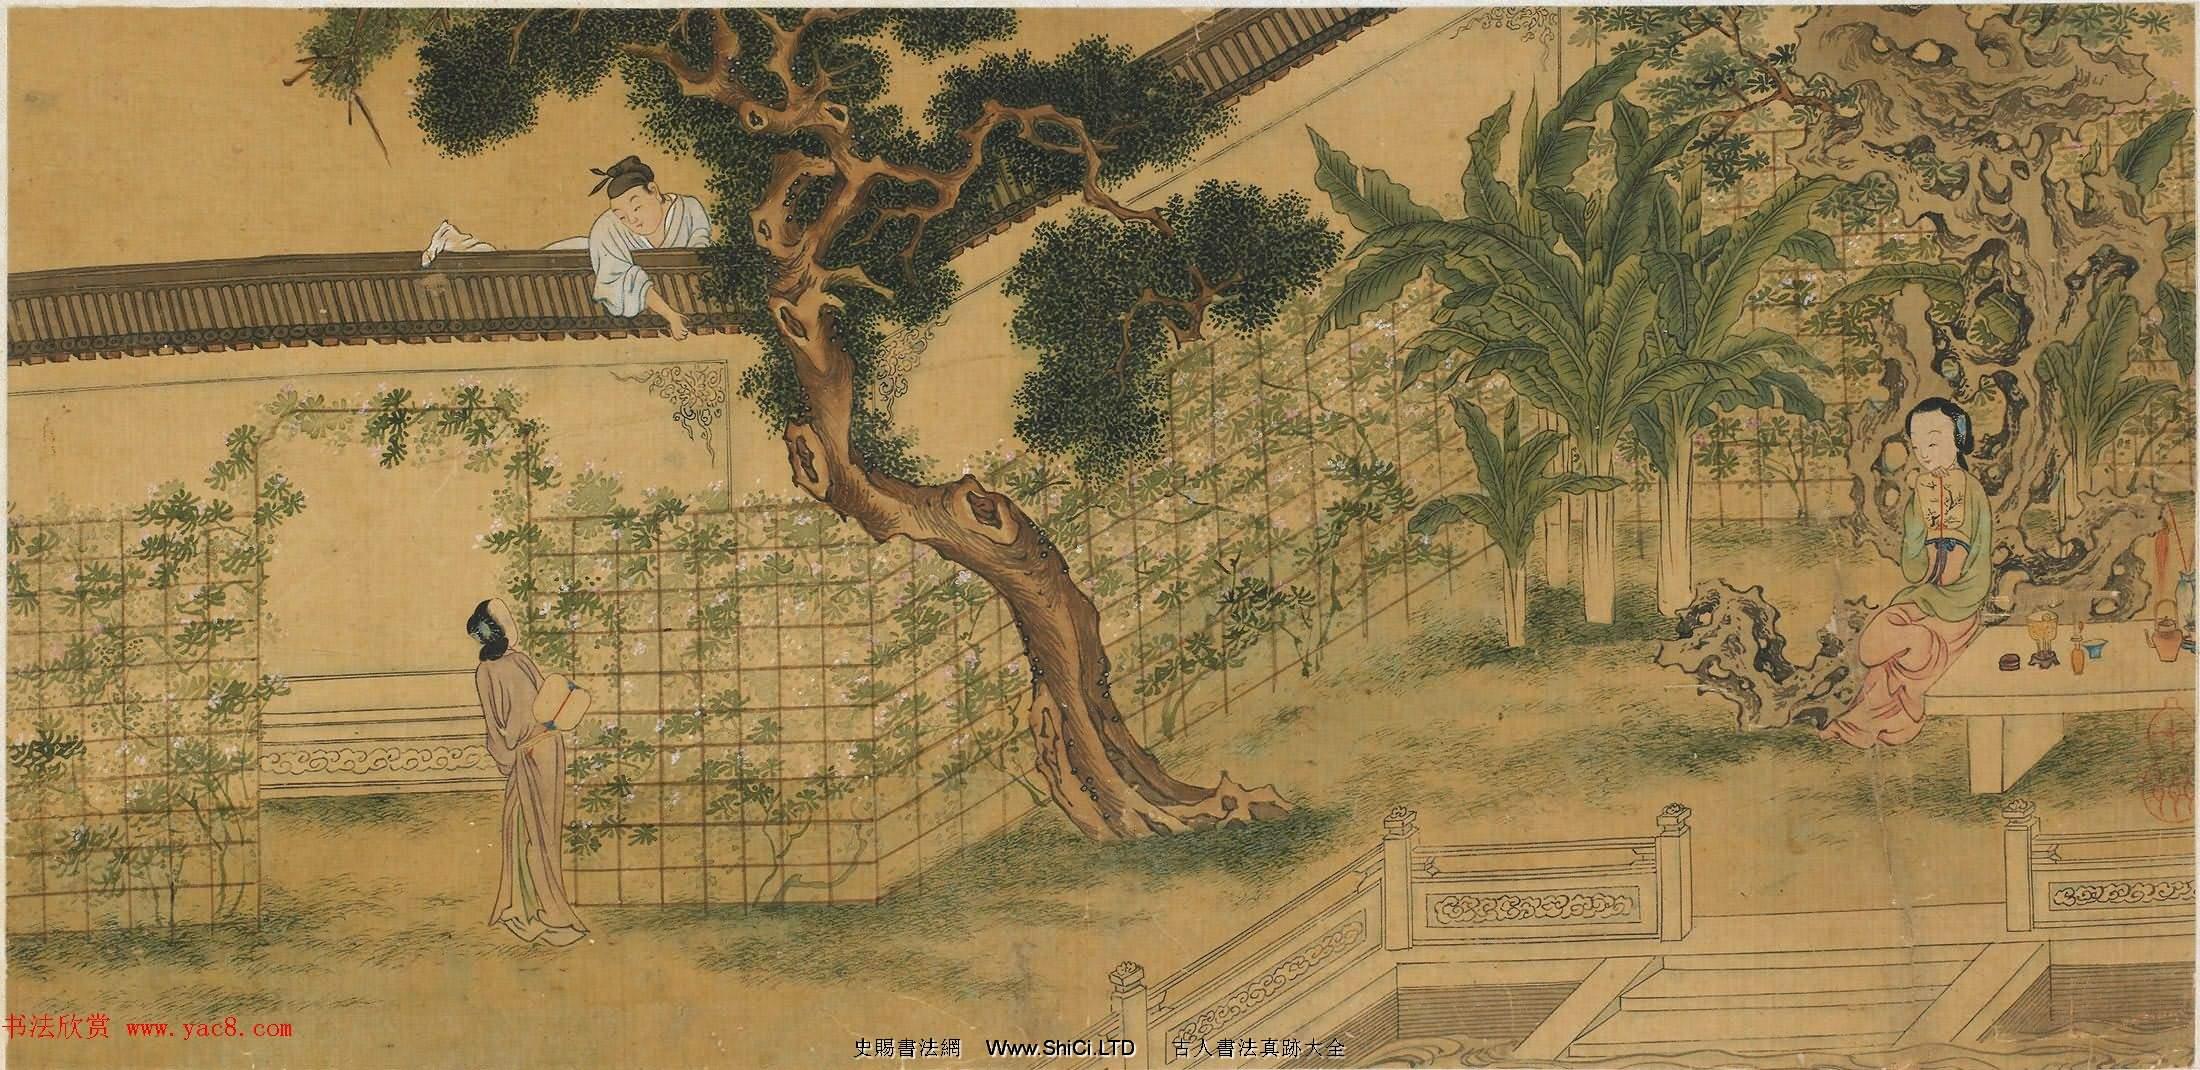 仇英款西廂記圖八頁美國弗利爾美術館藏(共8張圖片)